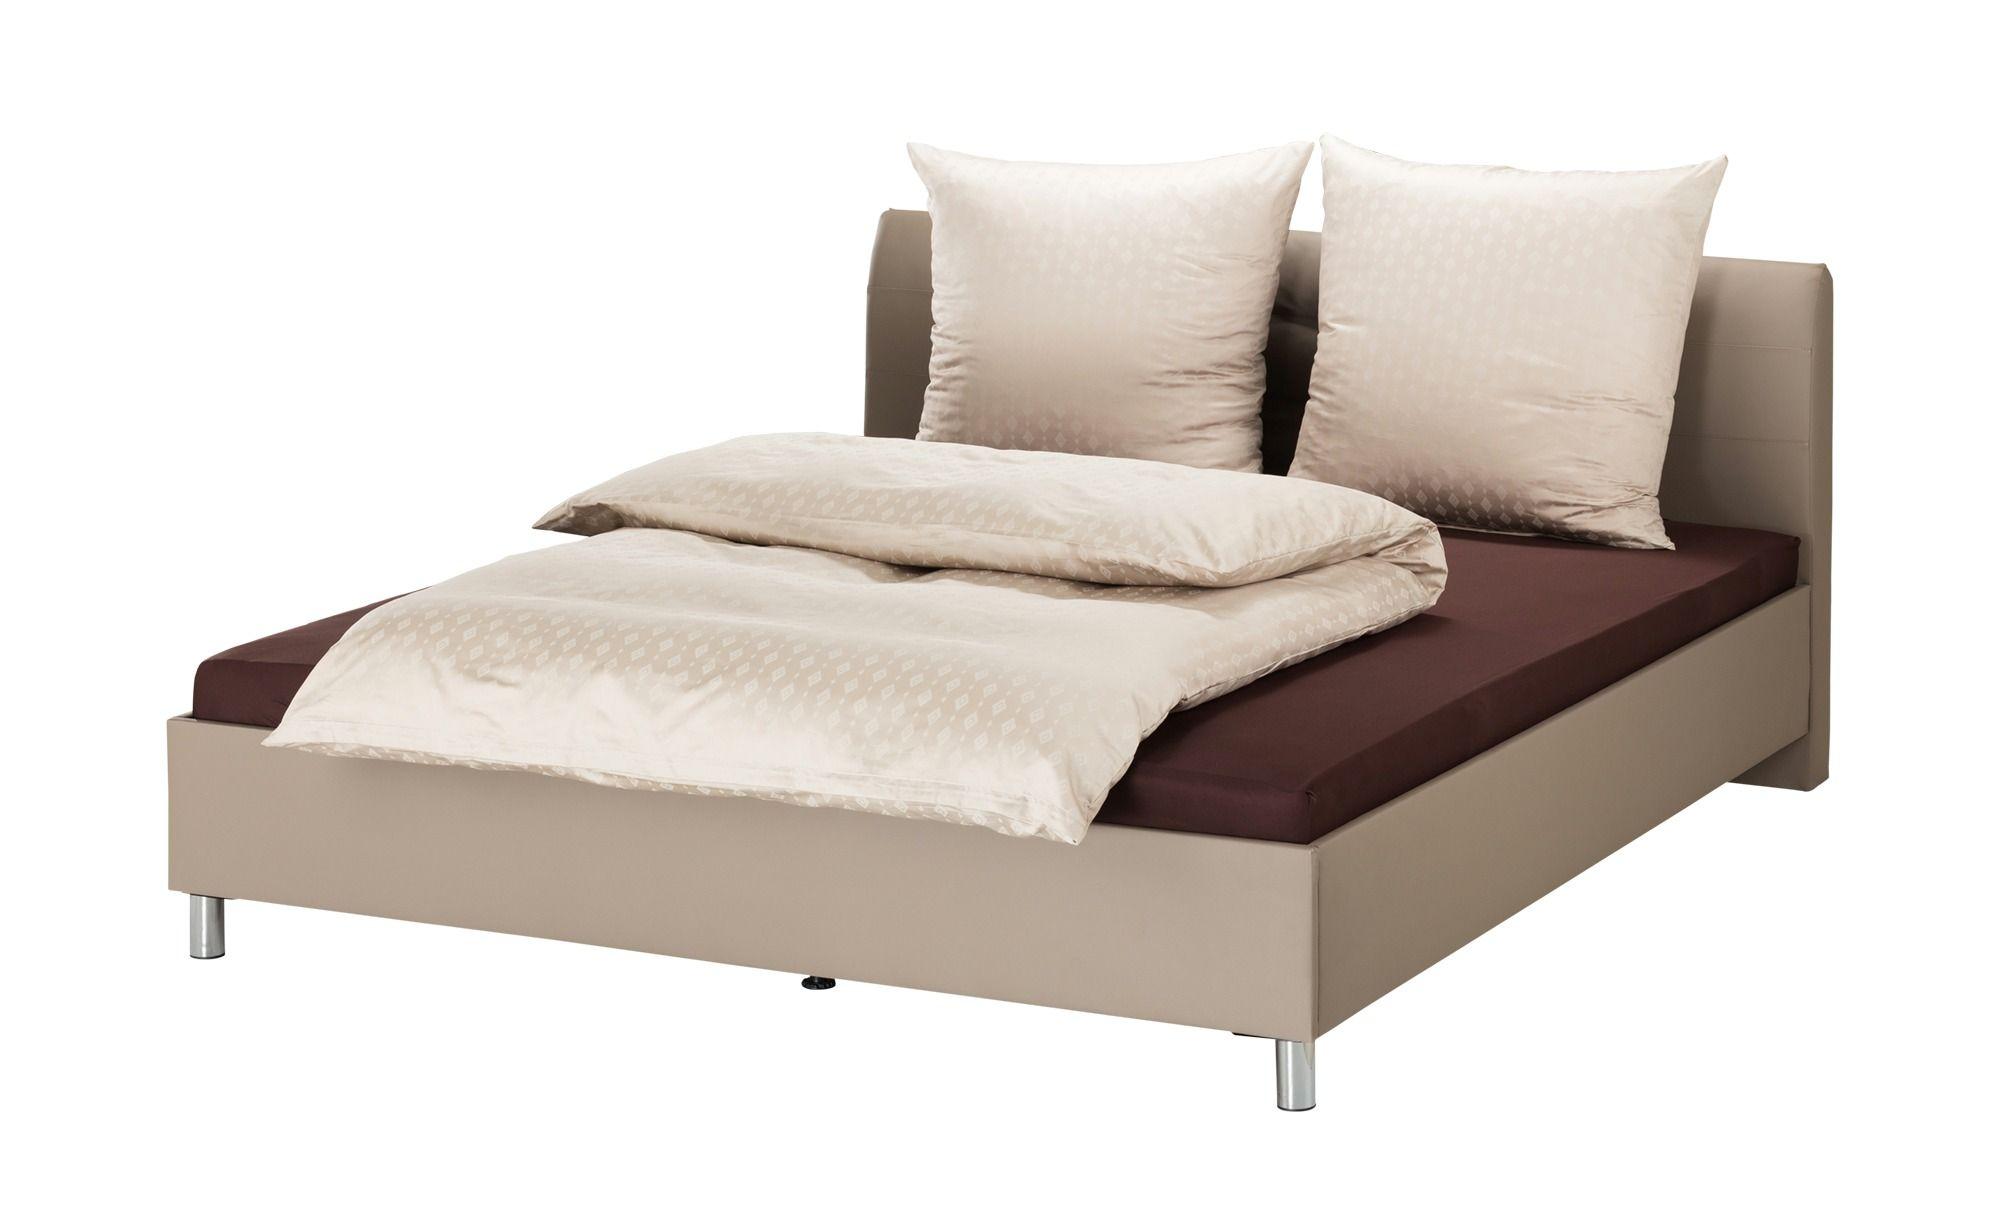 Polsterbett Bettkasten 100x200 Bett Mit Stauraum Selber Bauen